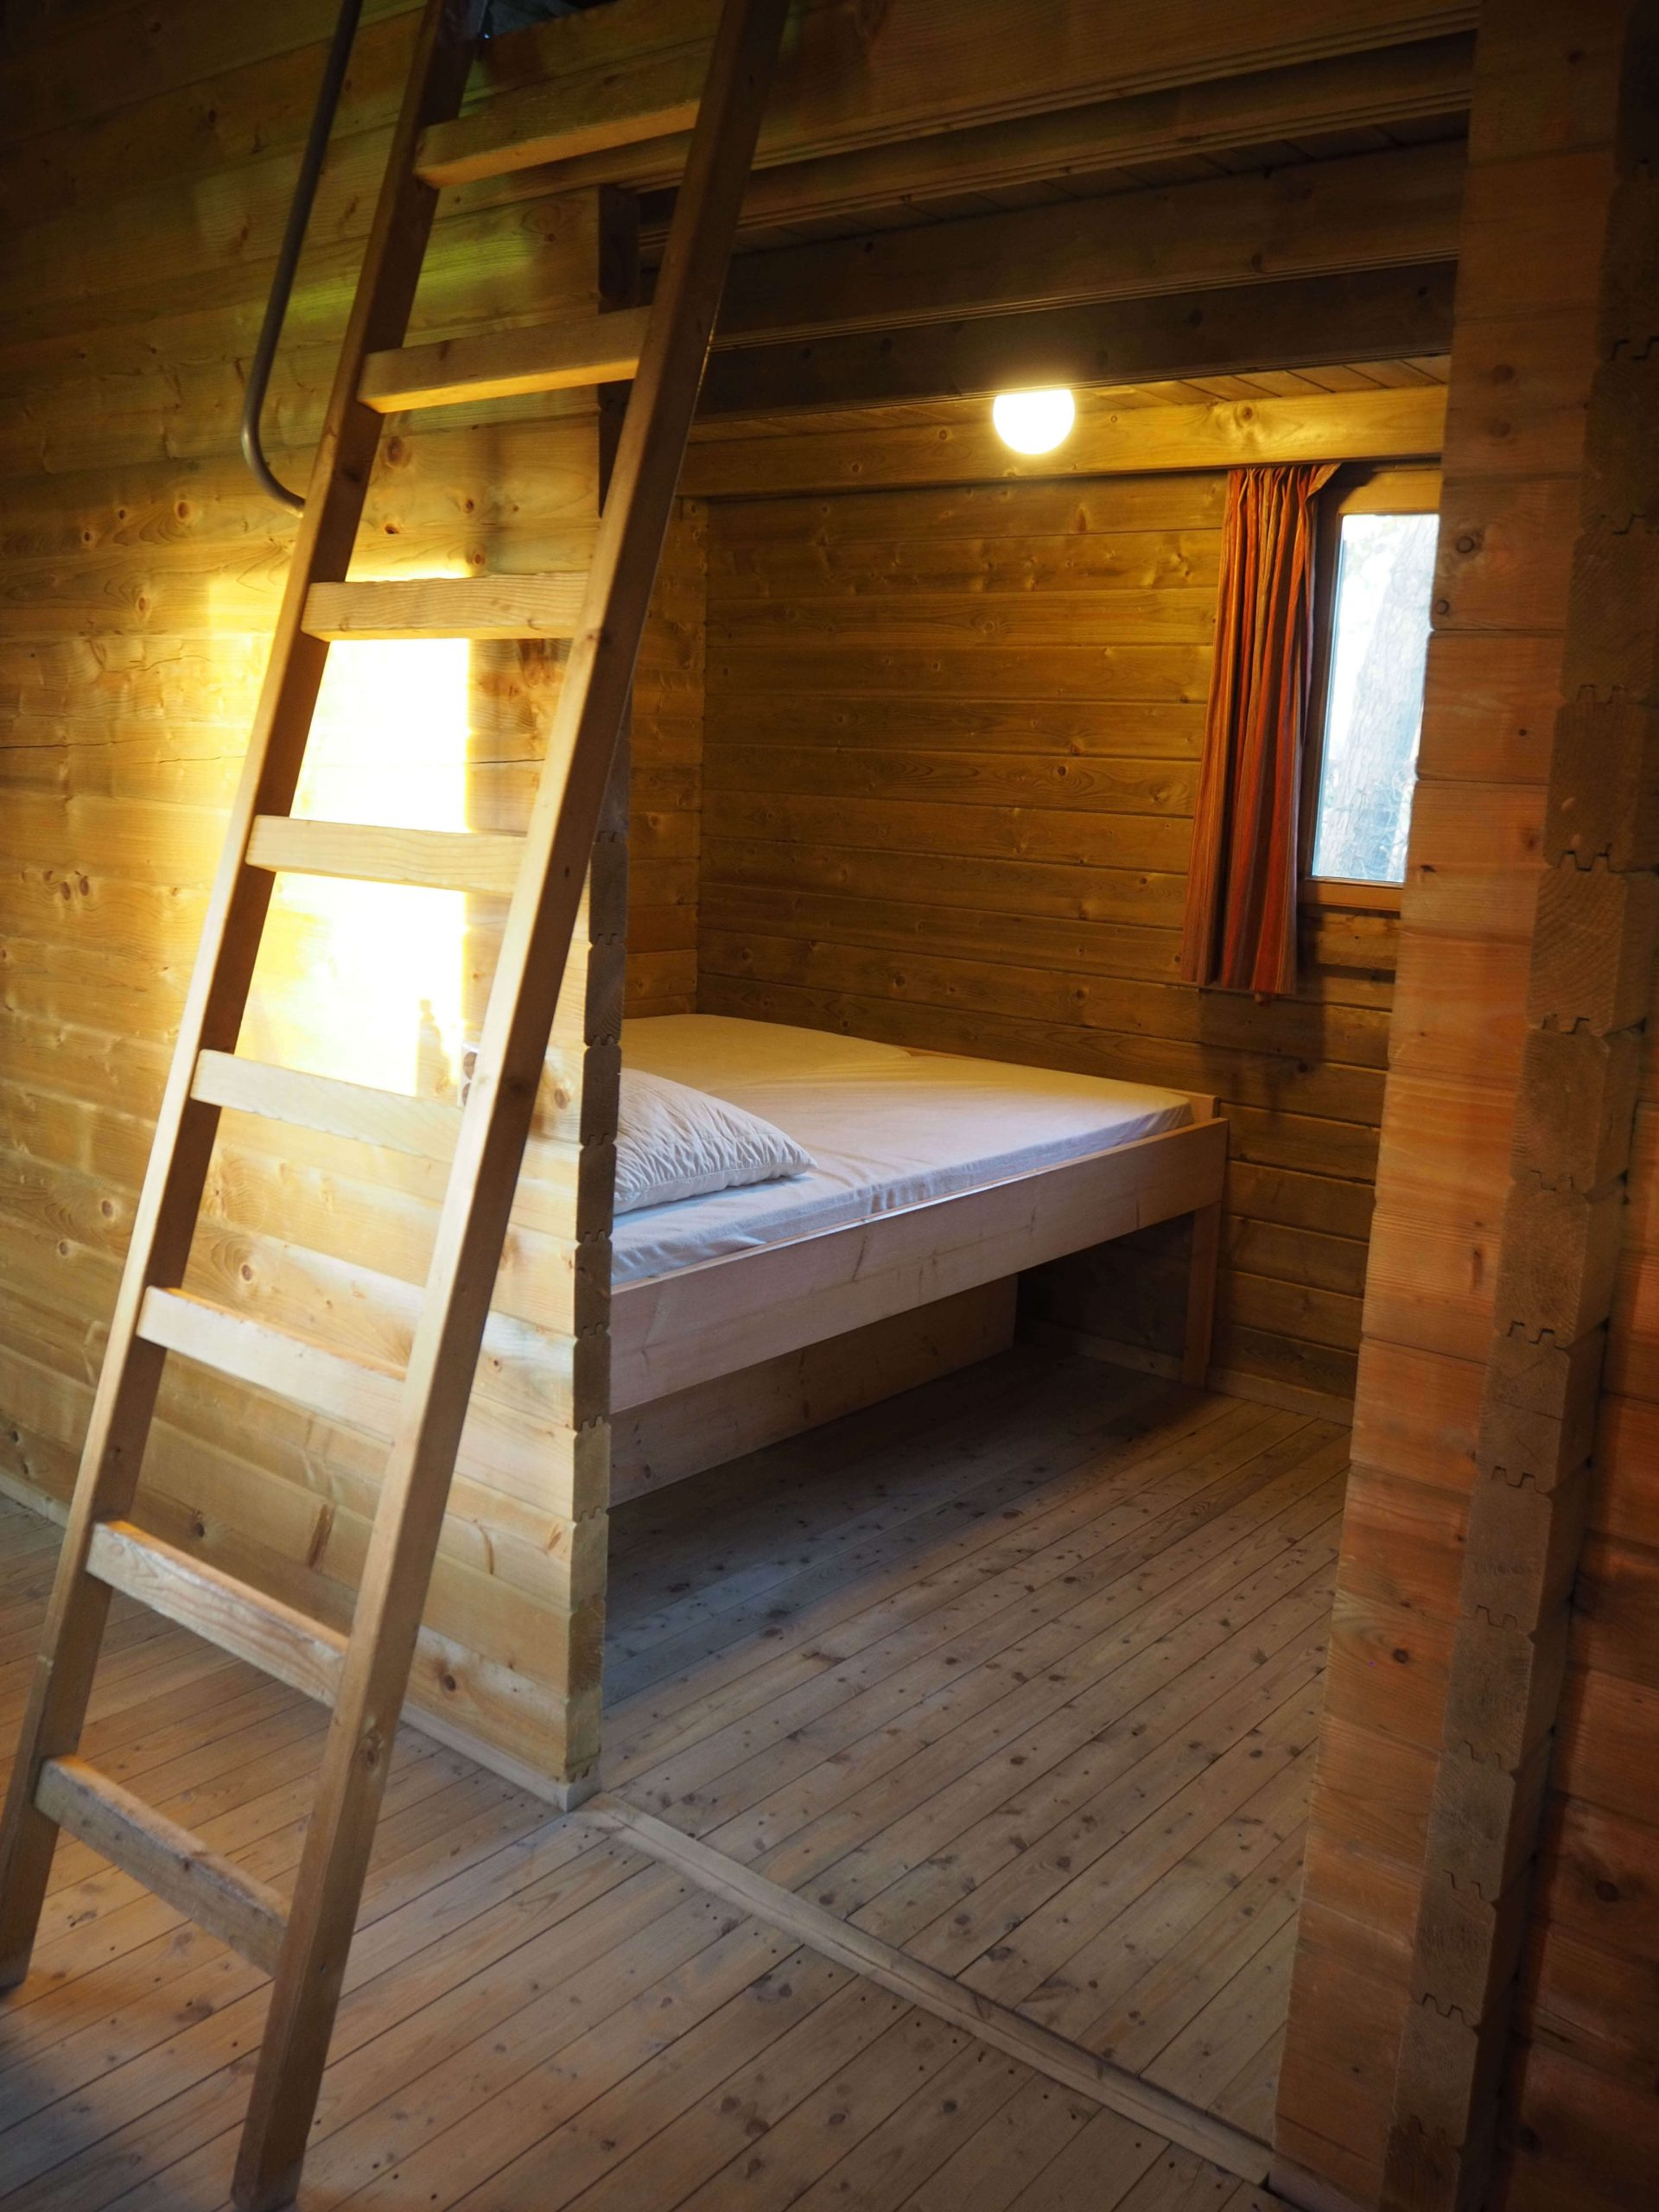 inrichting houten huis